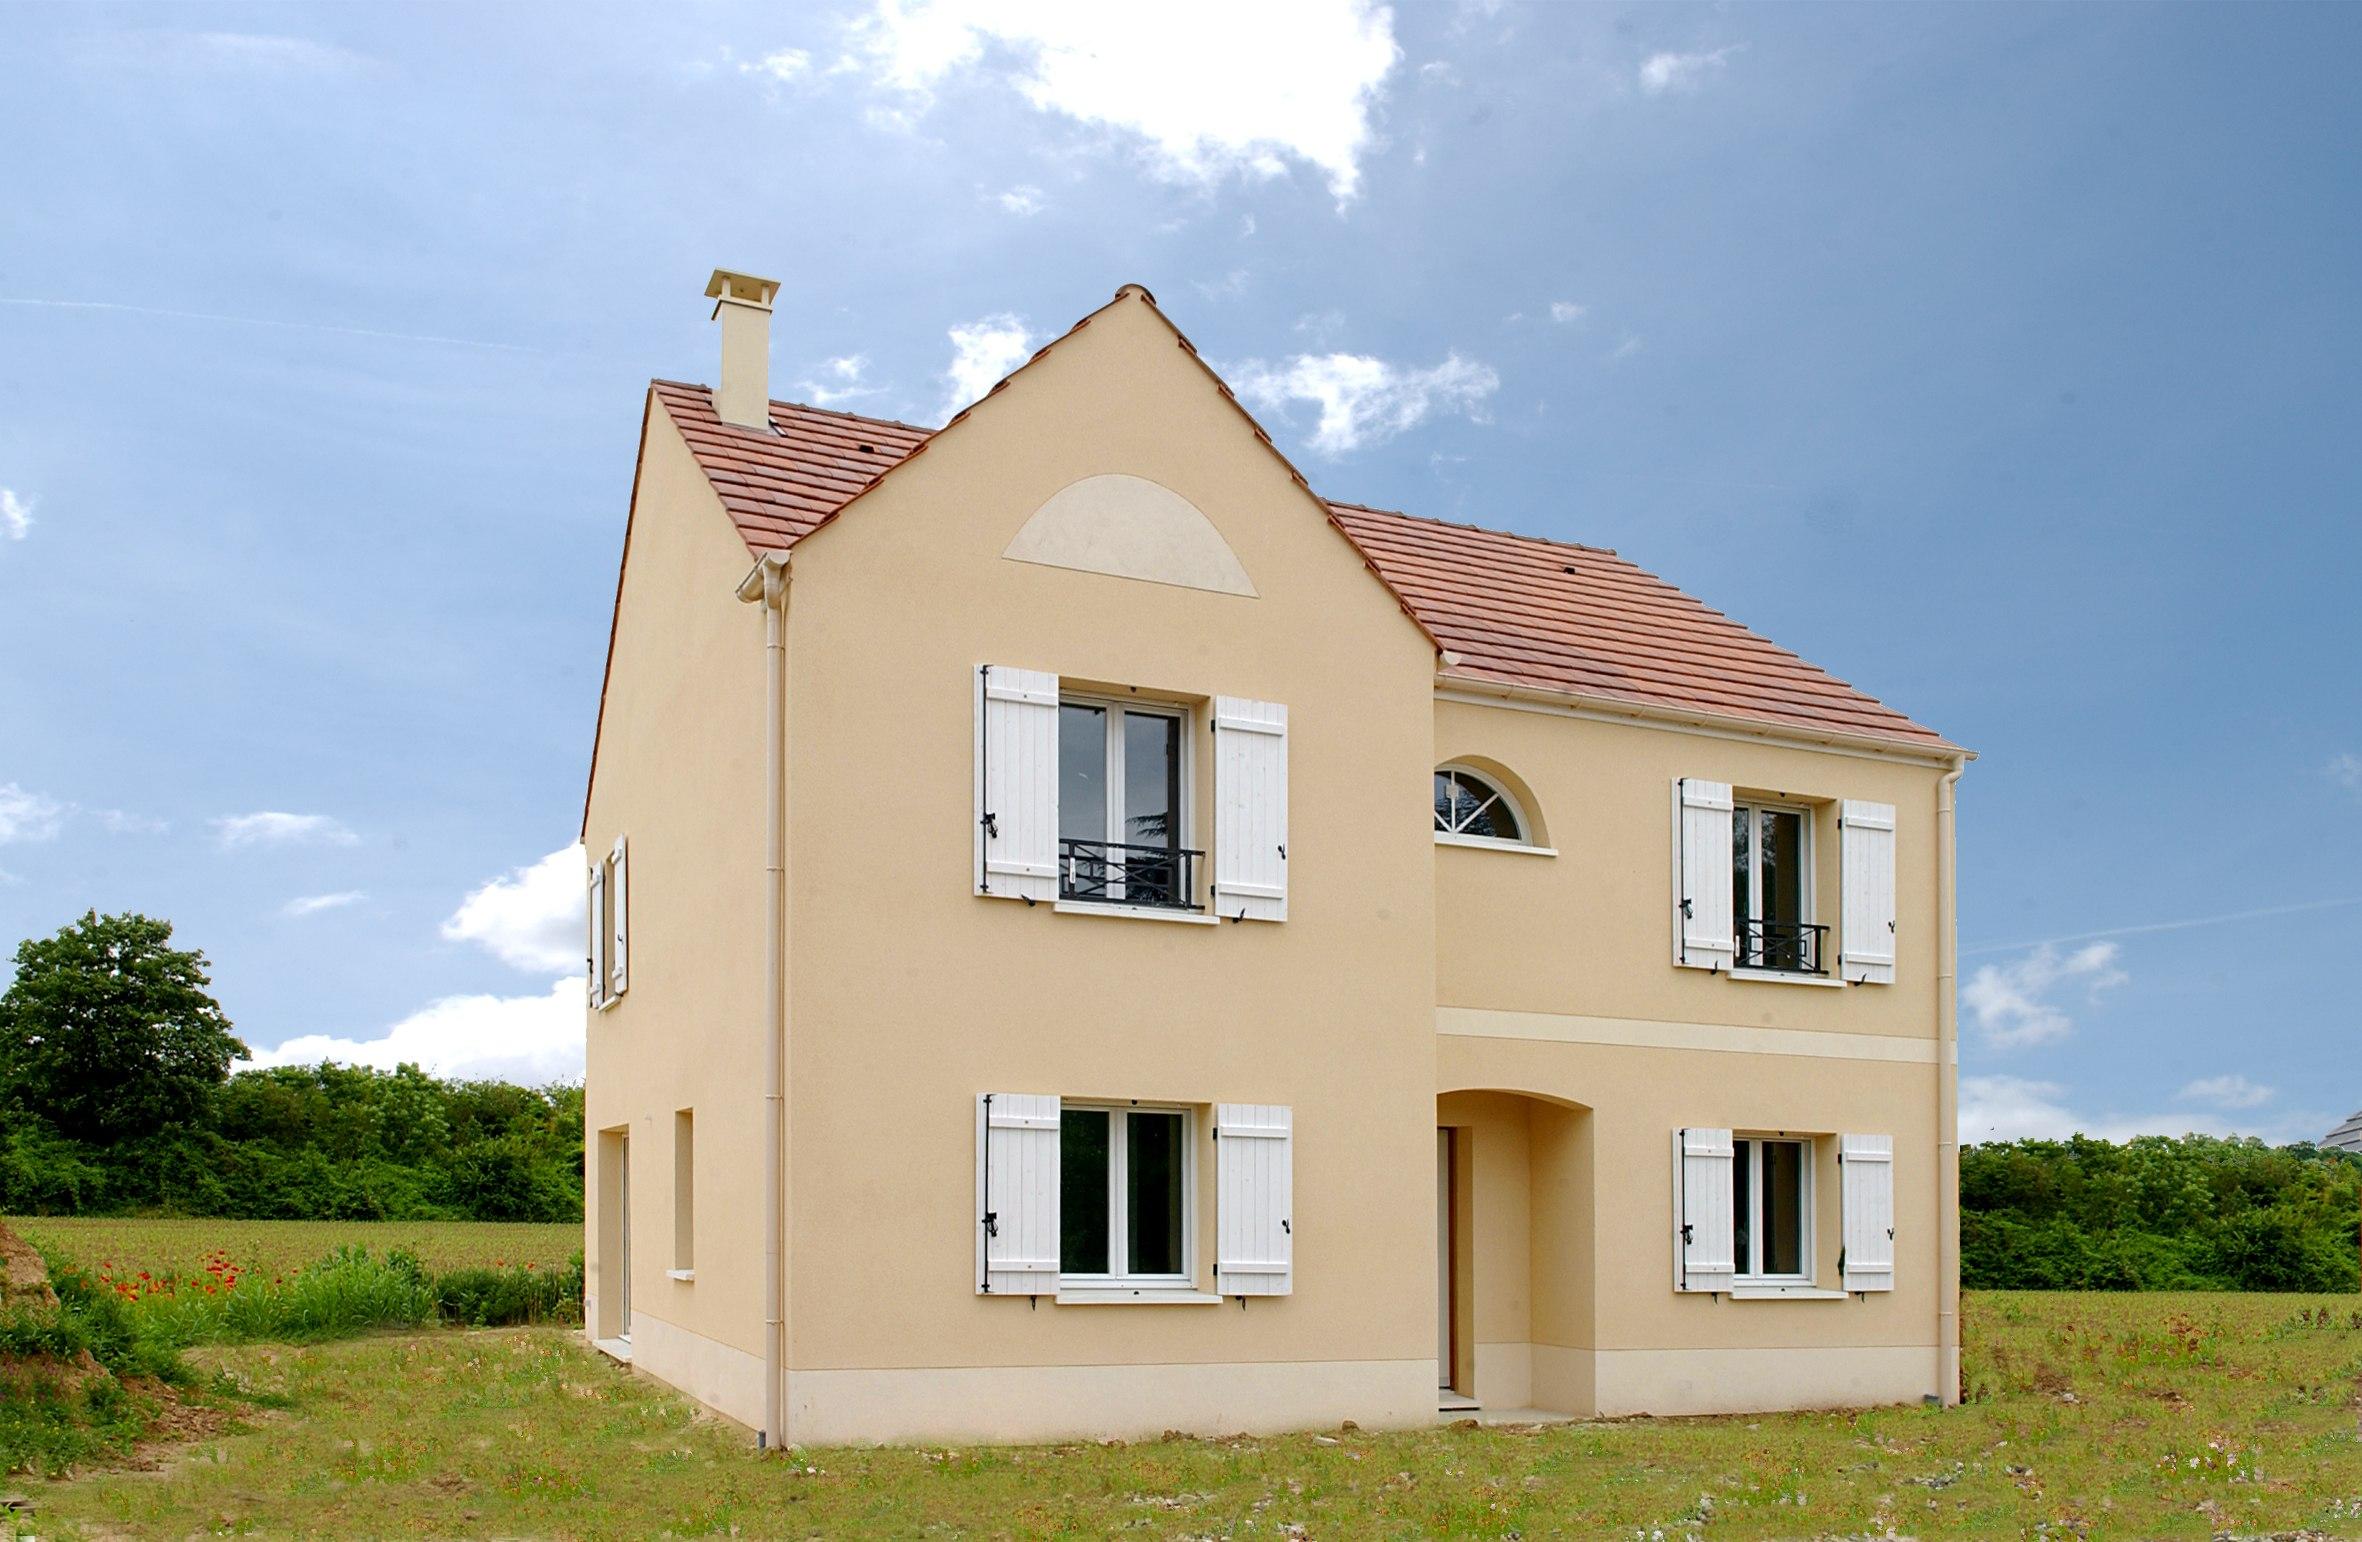 Maisons + Terrains du constructeur MAISONS SESAME • 105 m² • VILLECRESNES